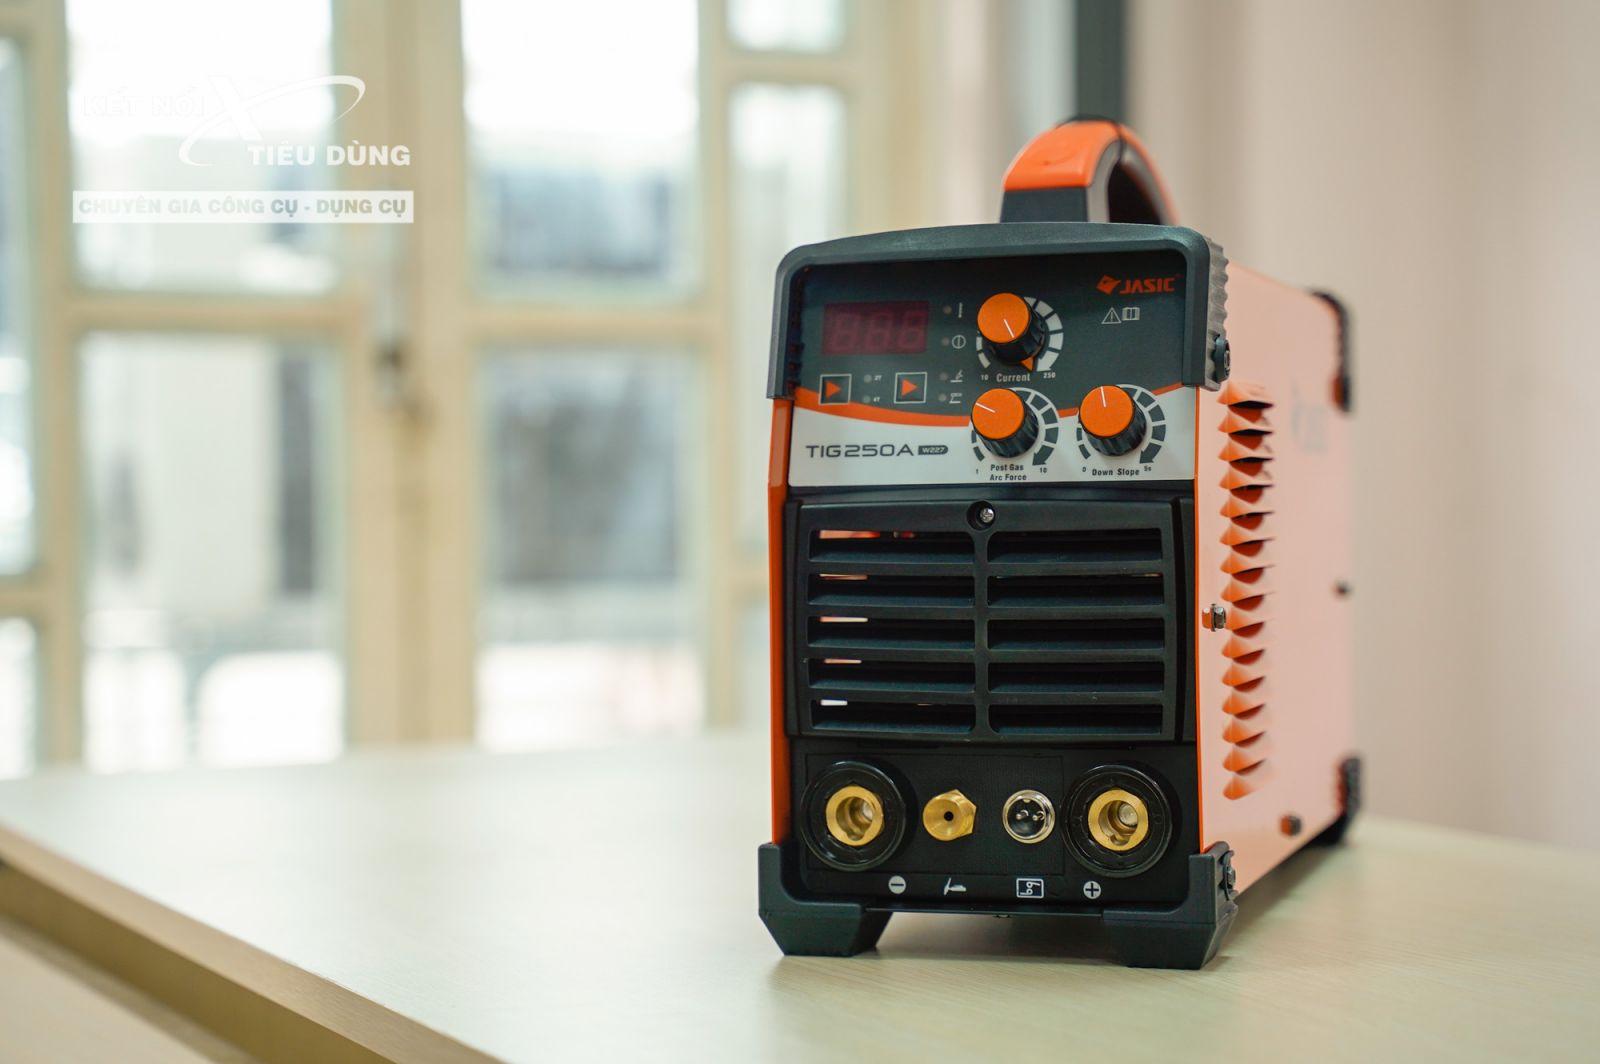 Bộ sưu tập tuyển tập các loại máy hàn hot nhất 2021